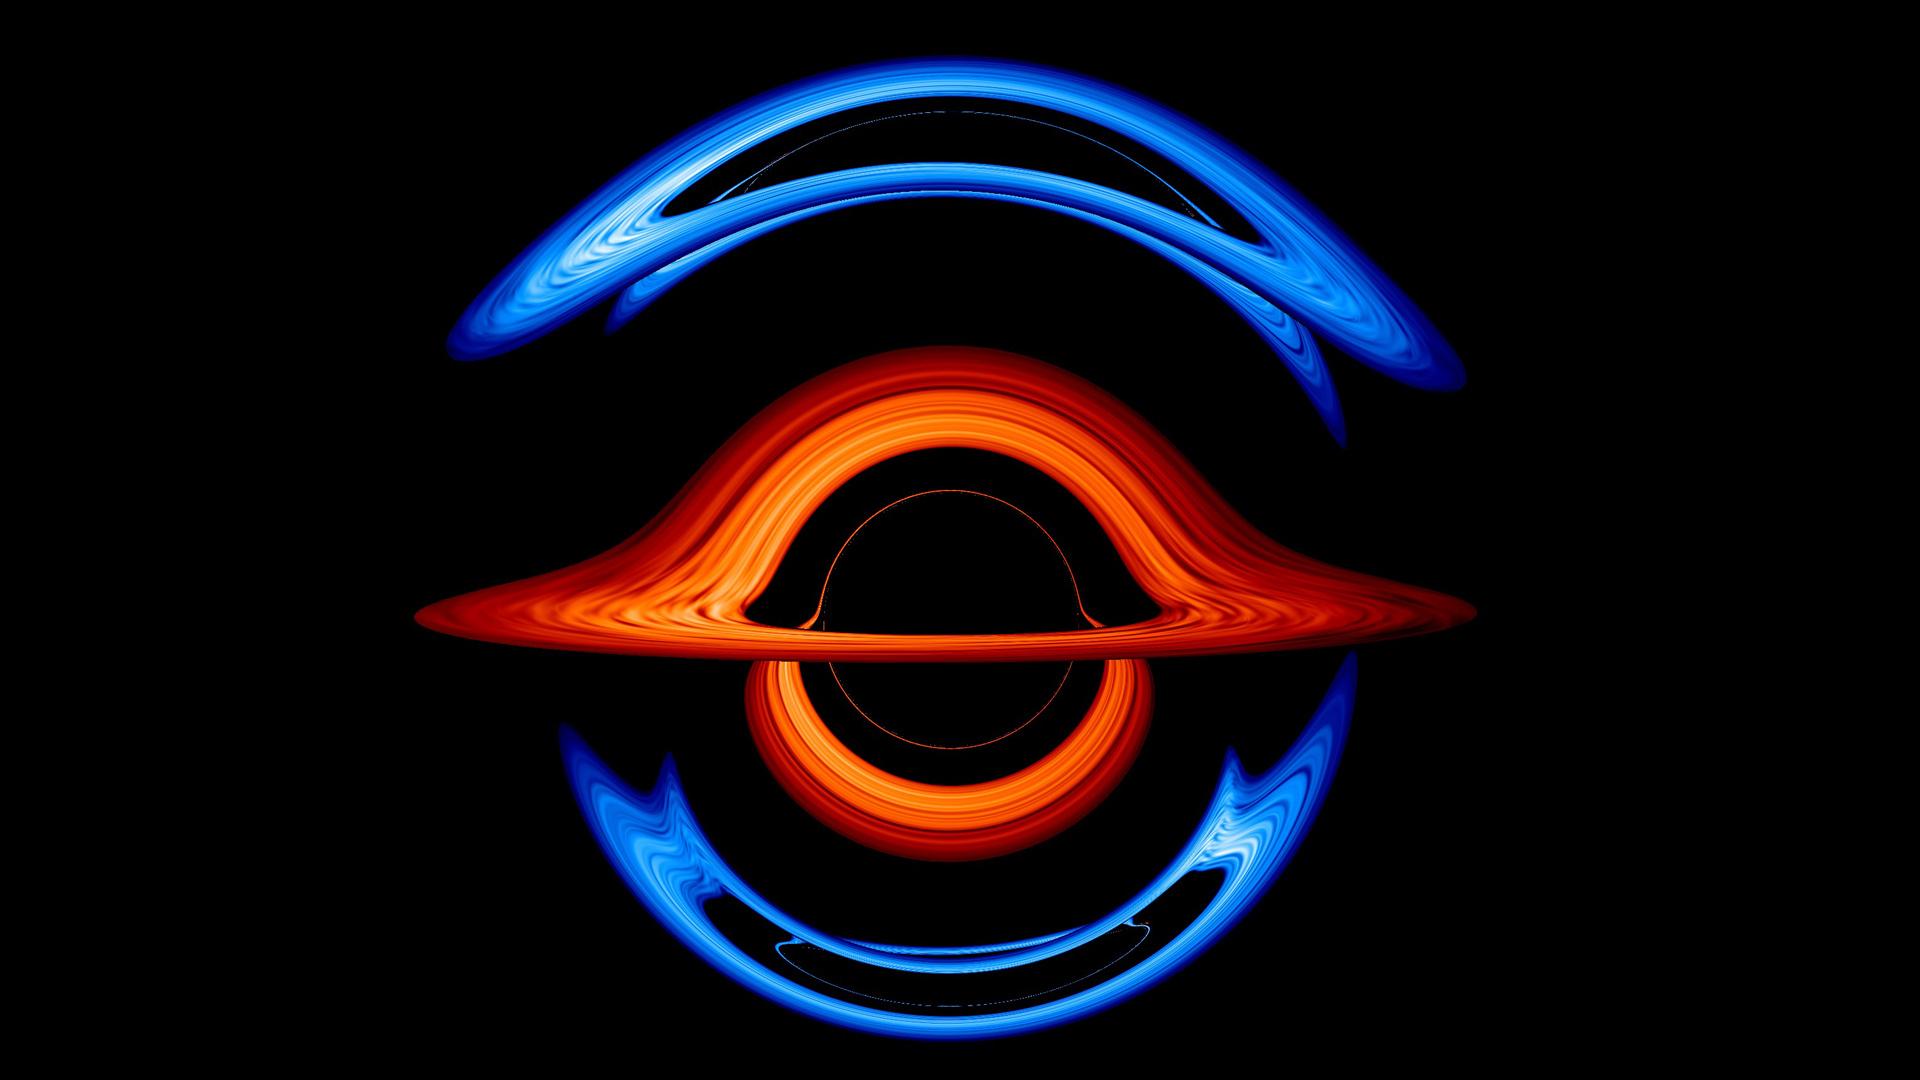 Cette image montre la vue déformée d'un trou noir supermassif plus grand (disque rouge) lorsqu'il passe presque directement derrière un trou noir compagnon (disque bleu) avec la moitié de sa masse.